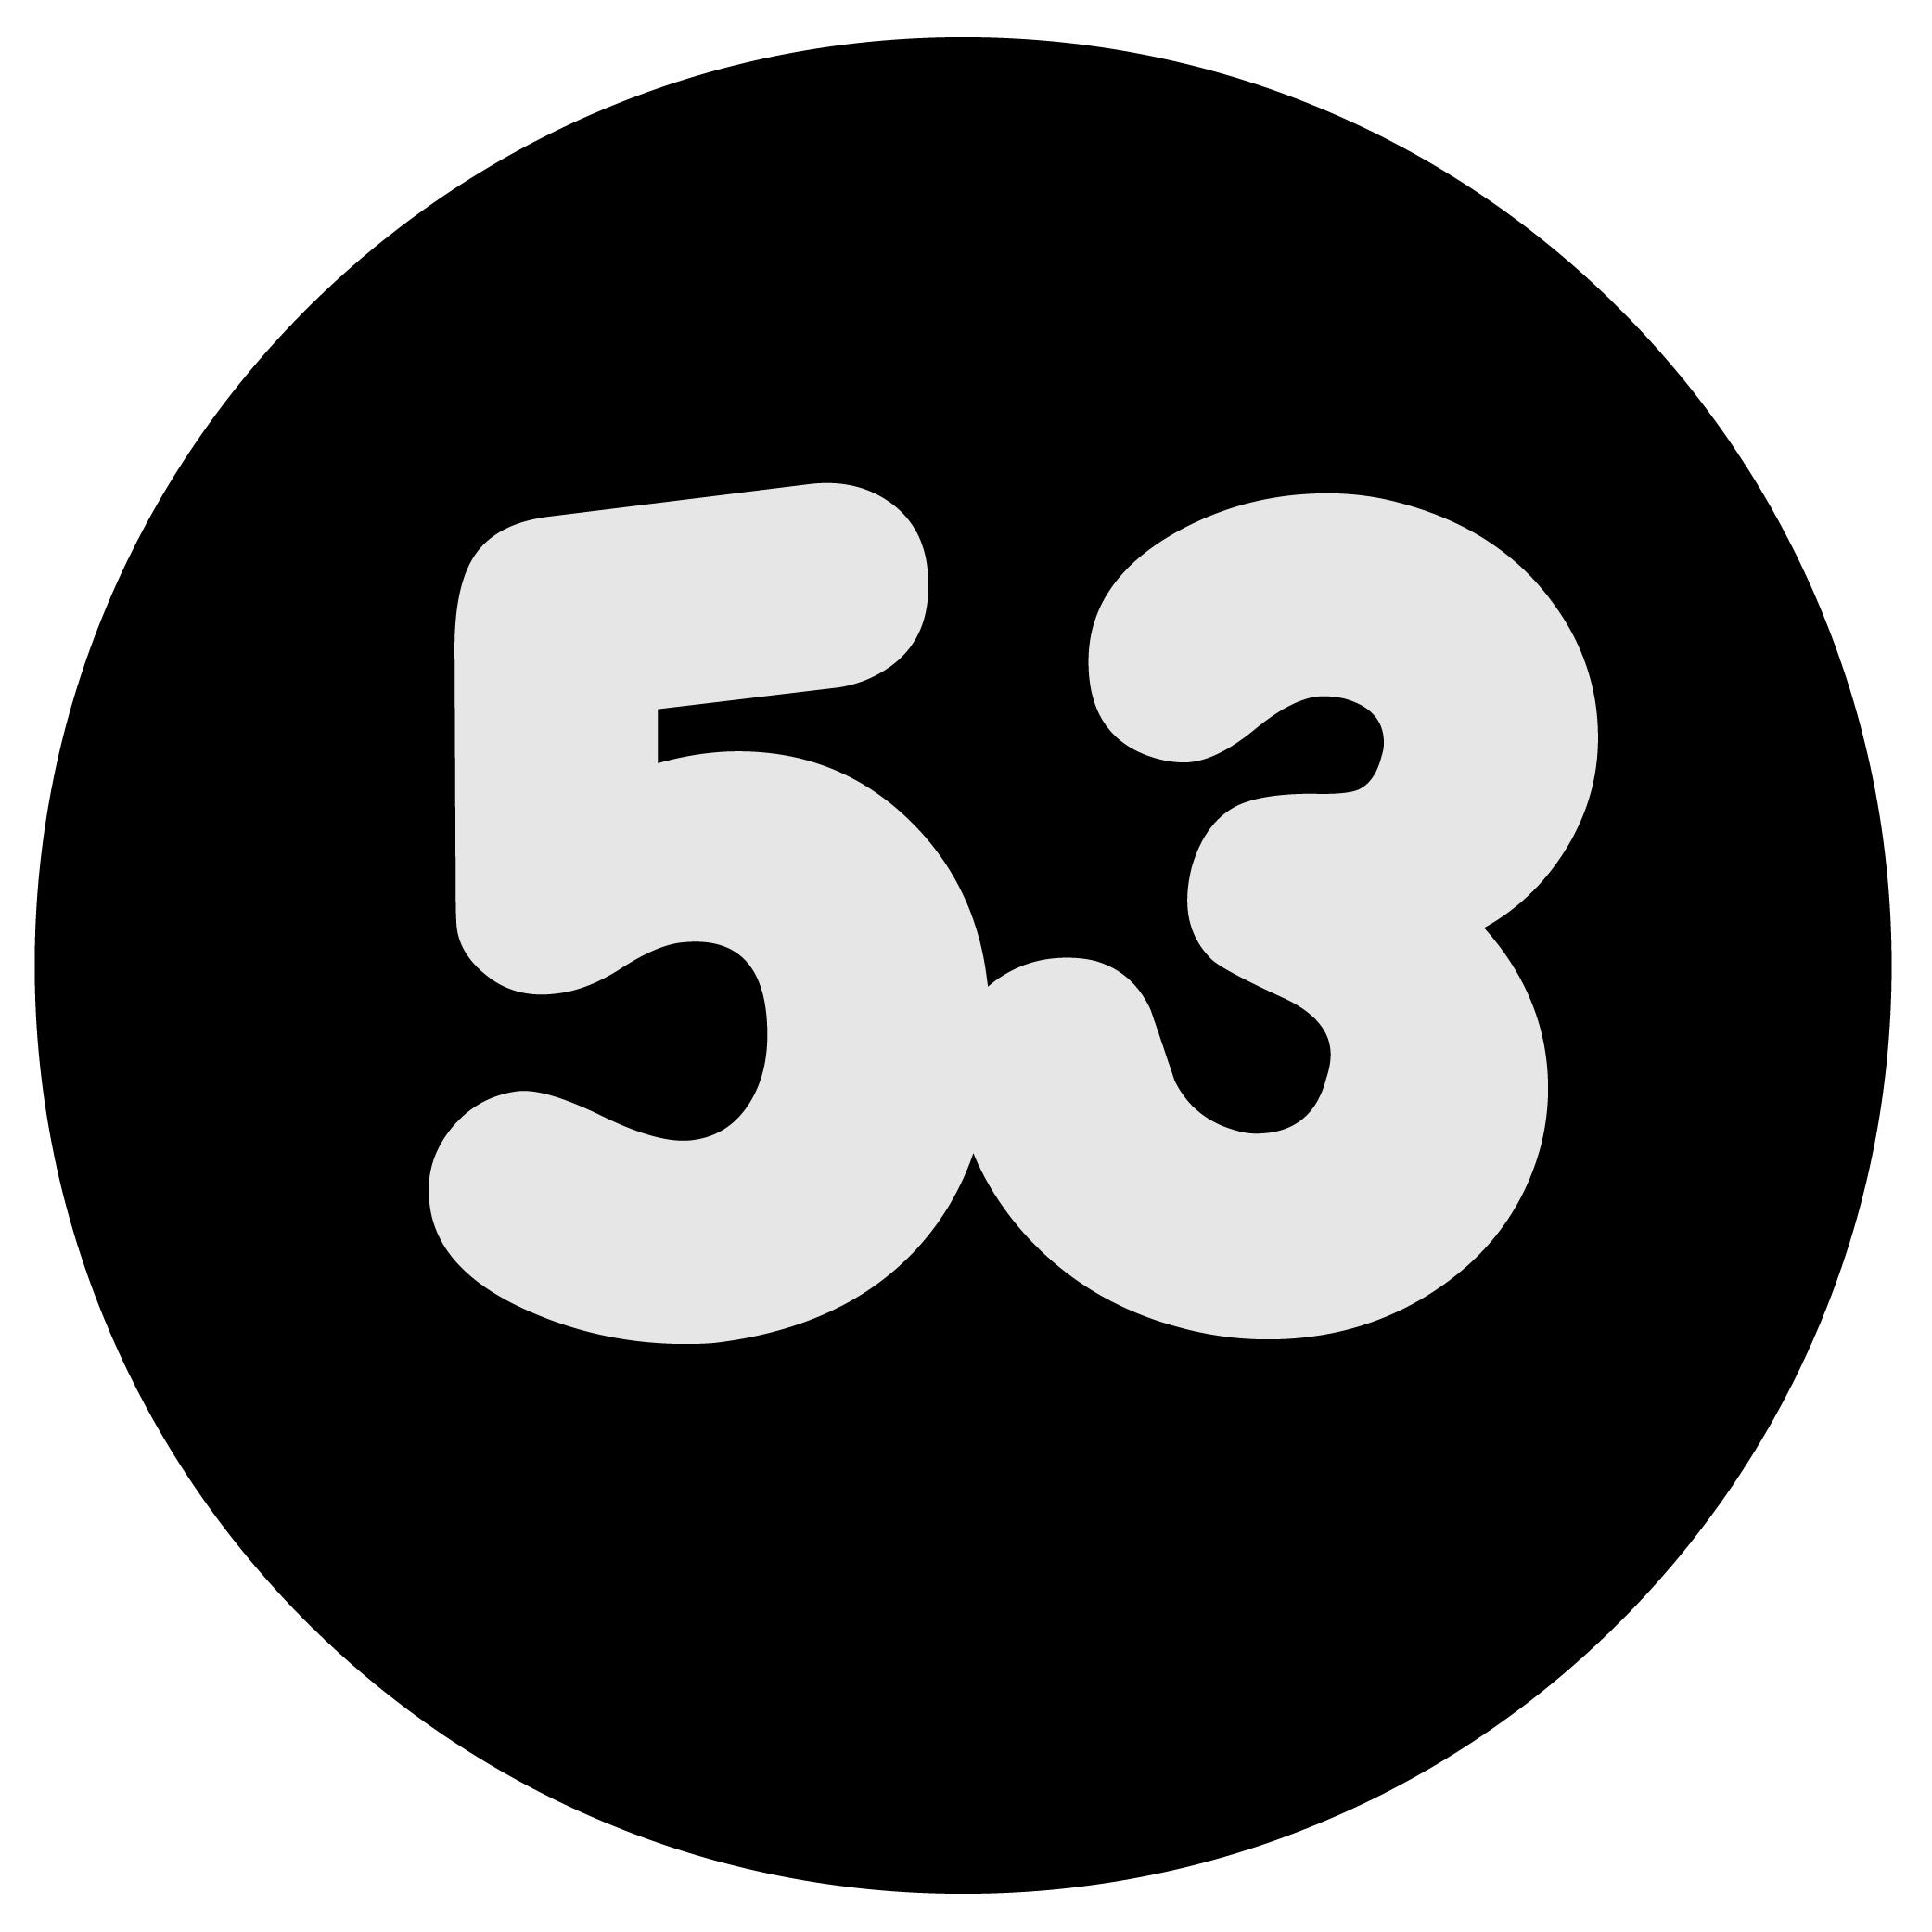 circles-42.png